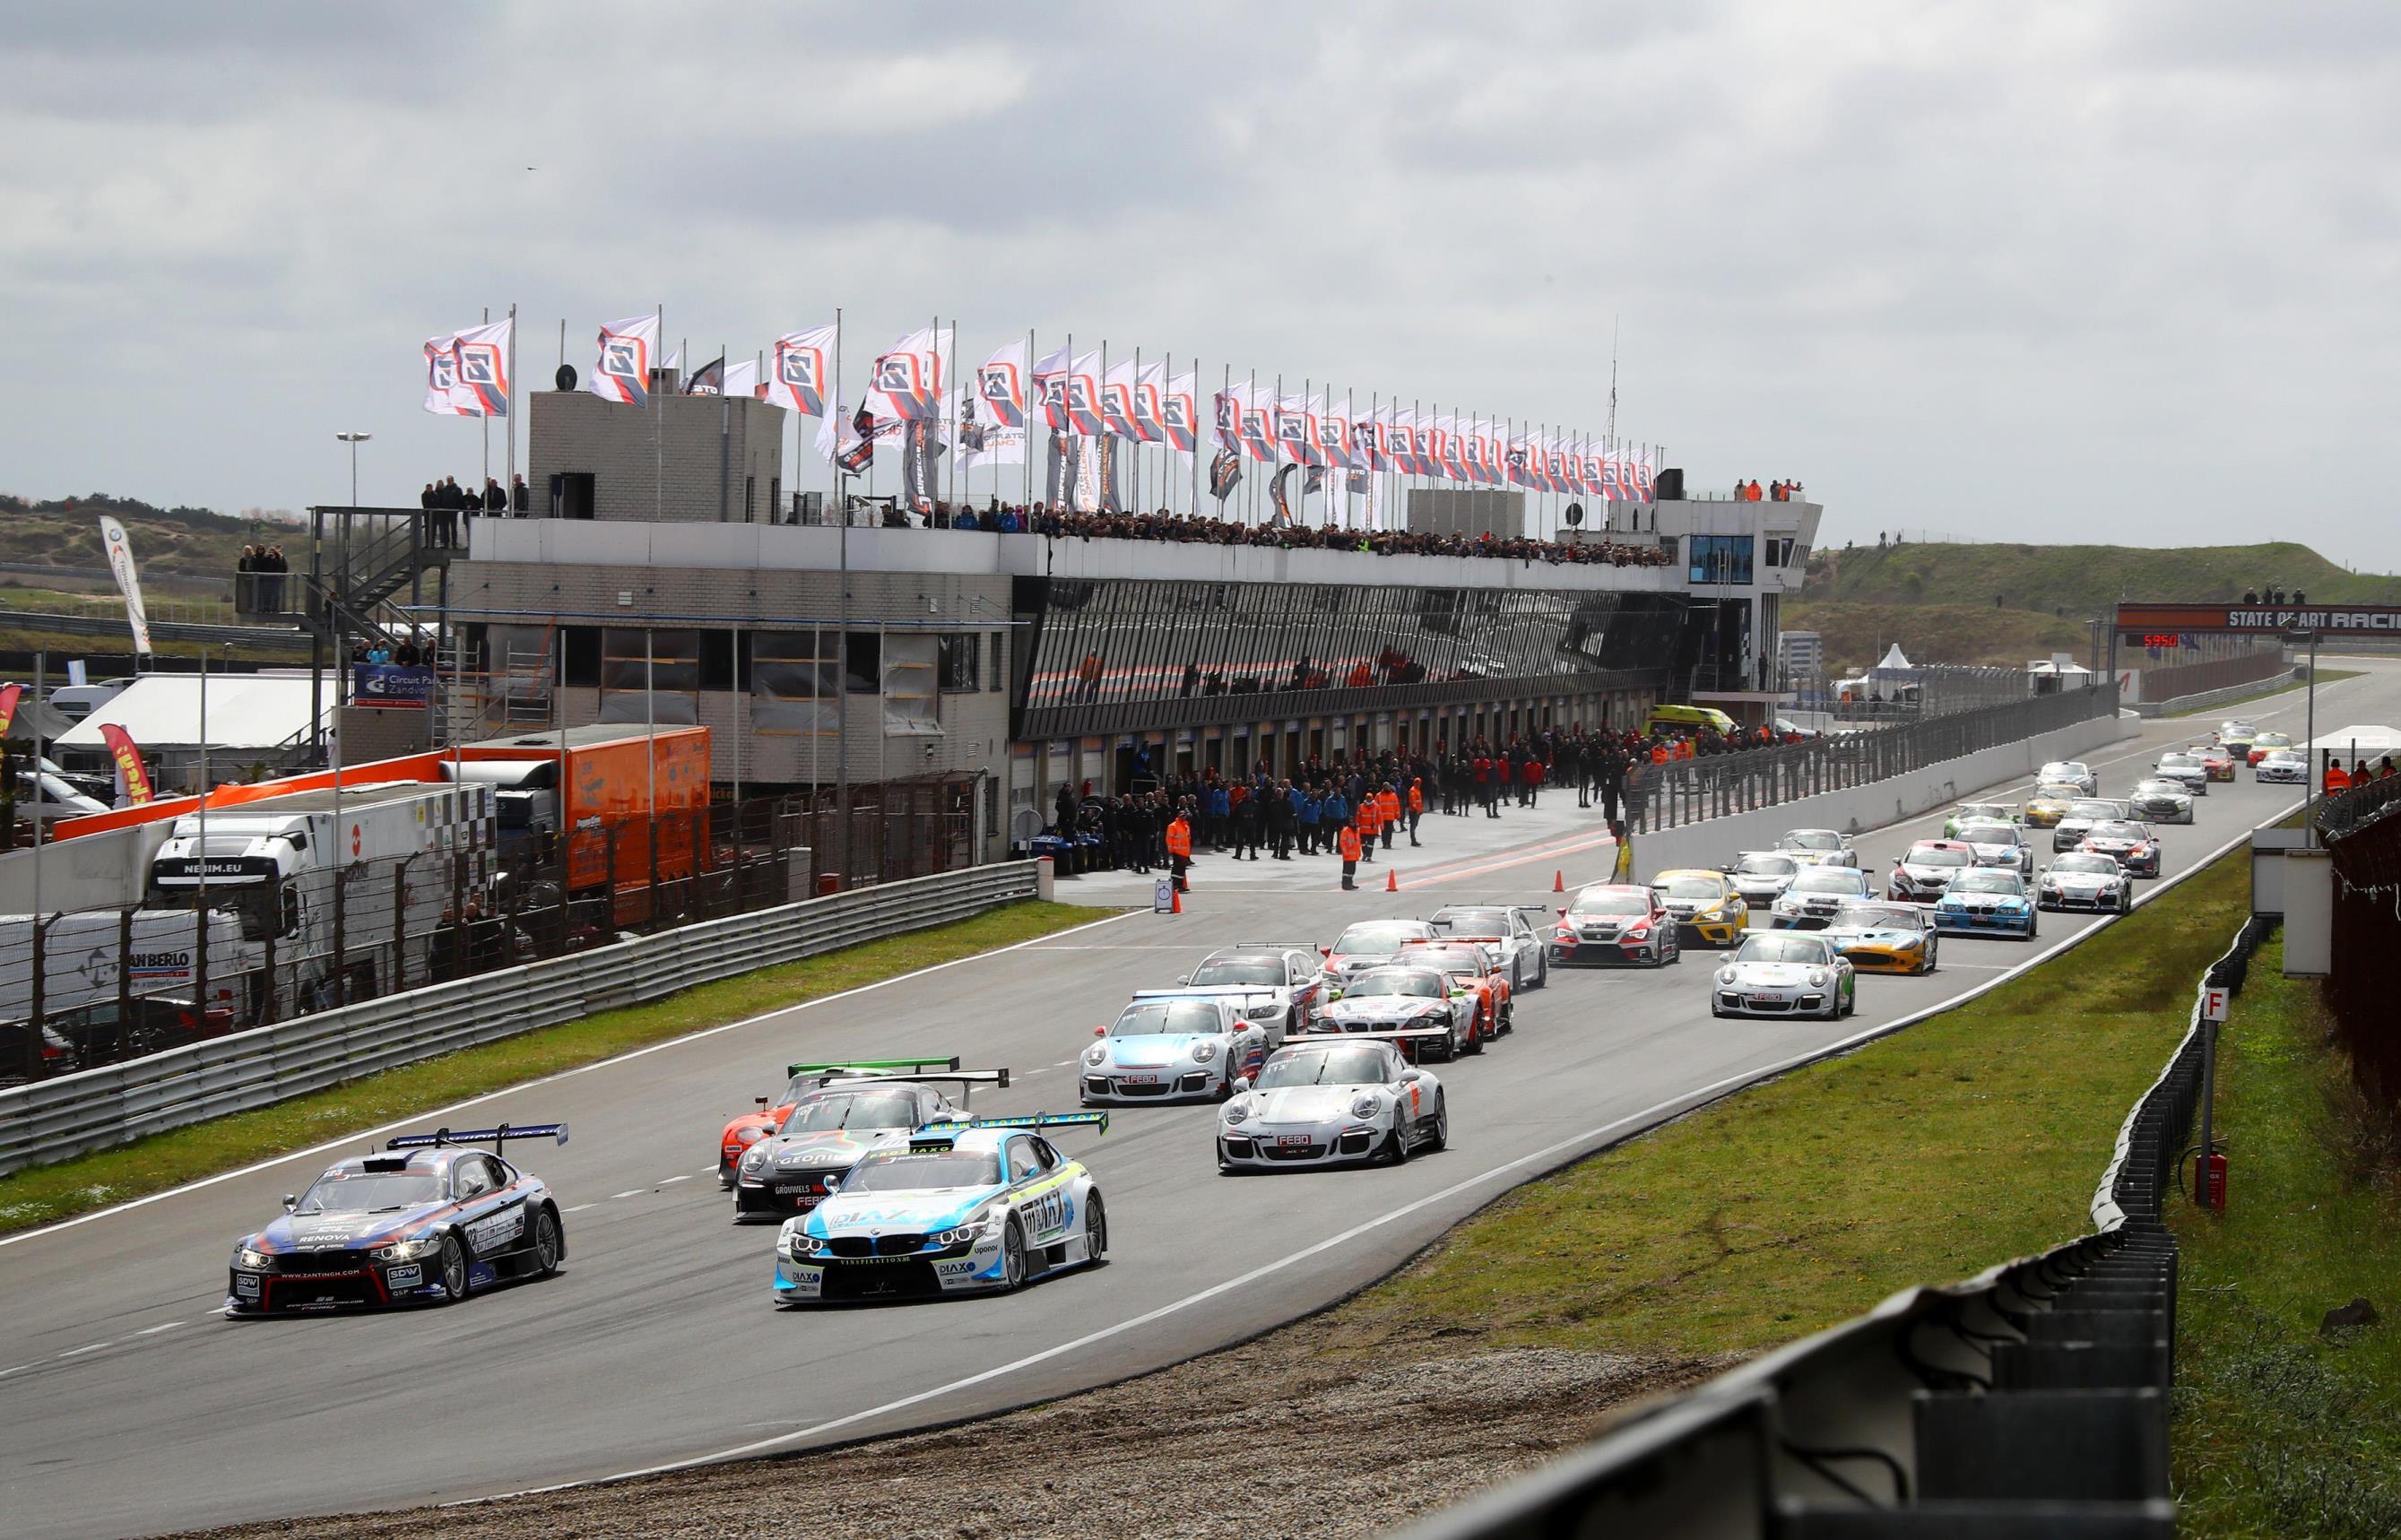 Spannende wedstrijden tijdens de paasraces op het Circuit in Zandvoort